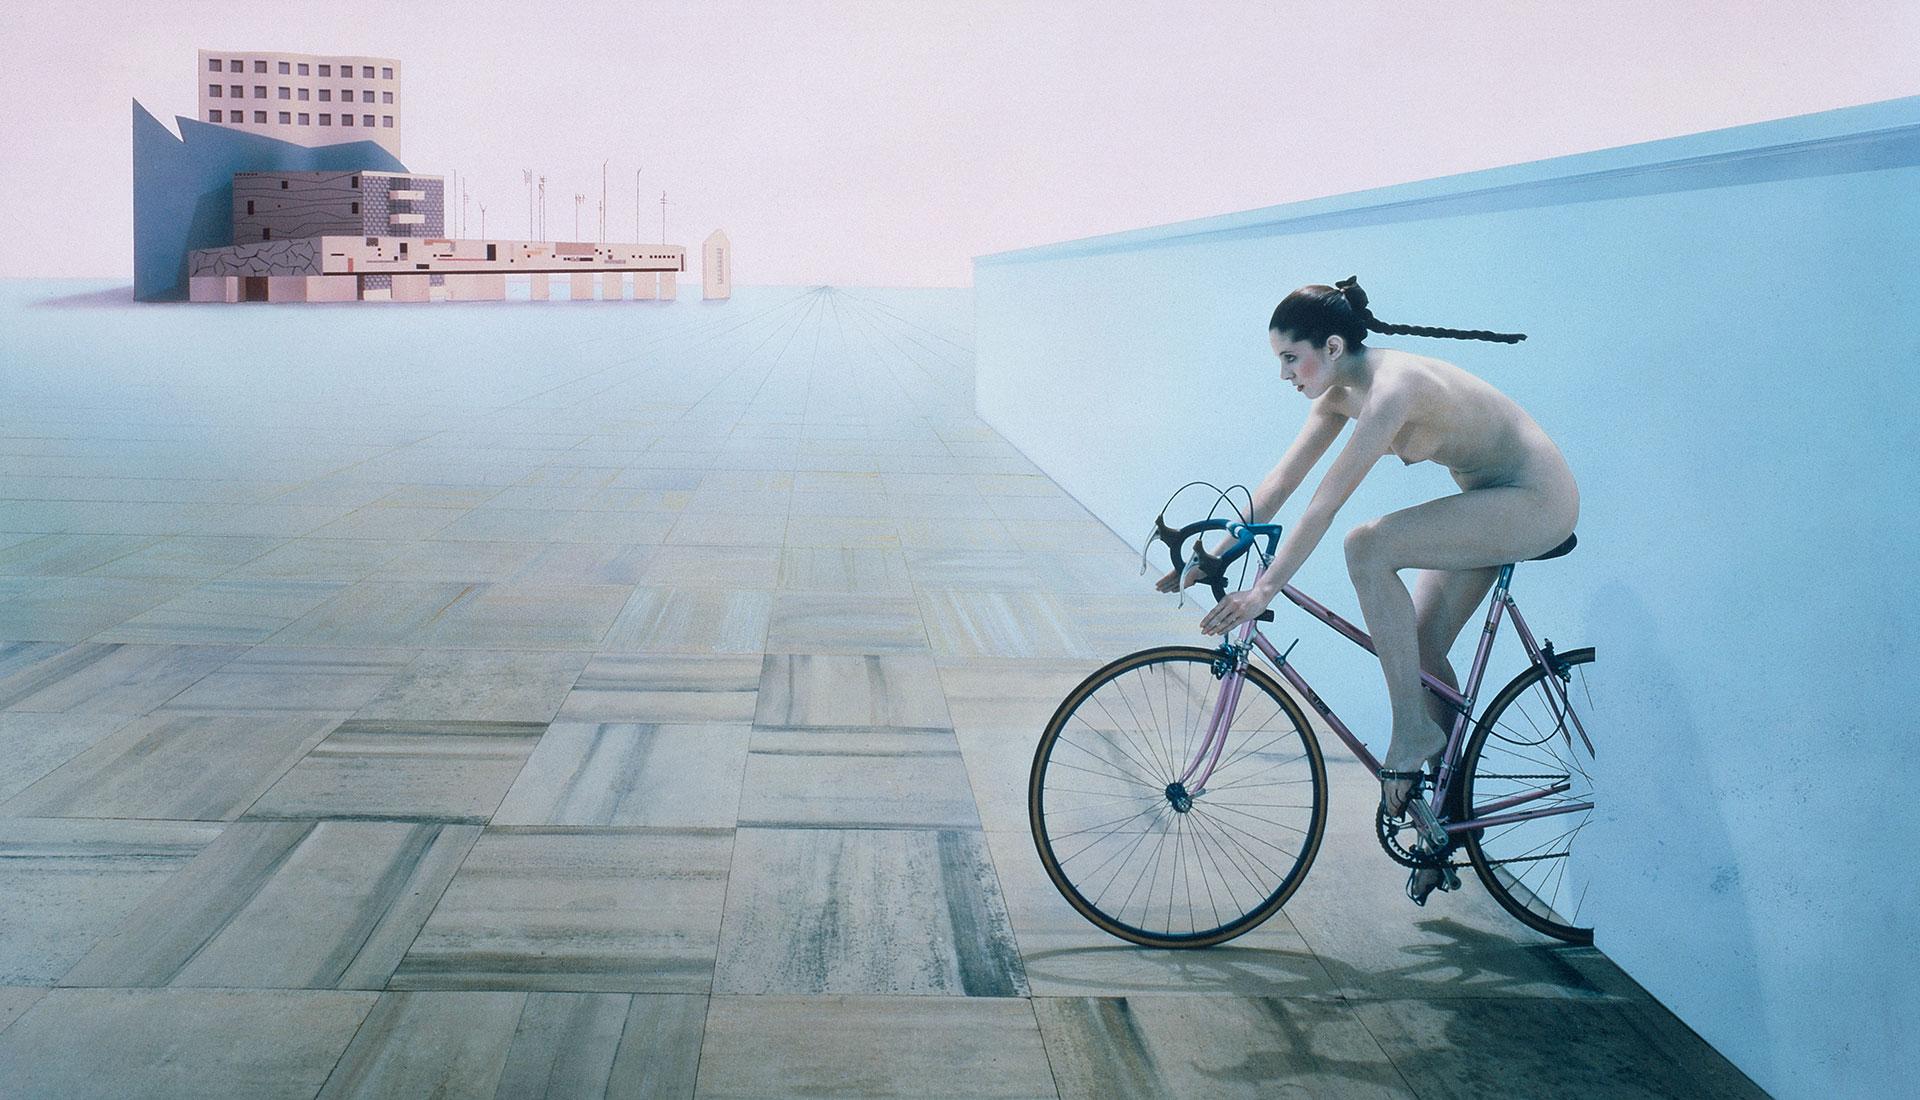 Искусство и велосипеды: выставка в миланской галерее Антонио Коломбо